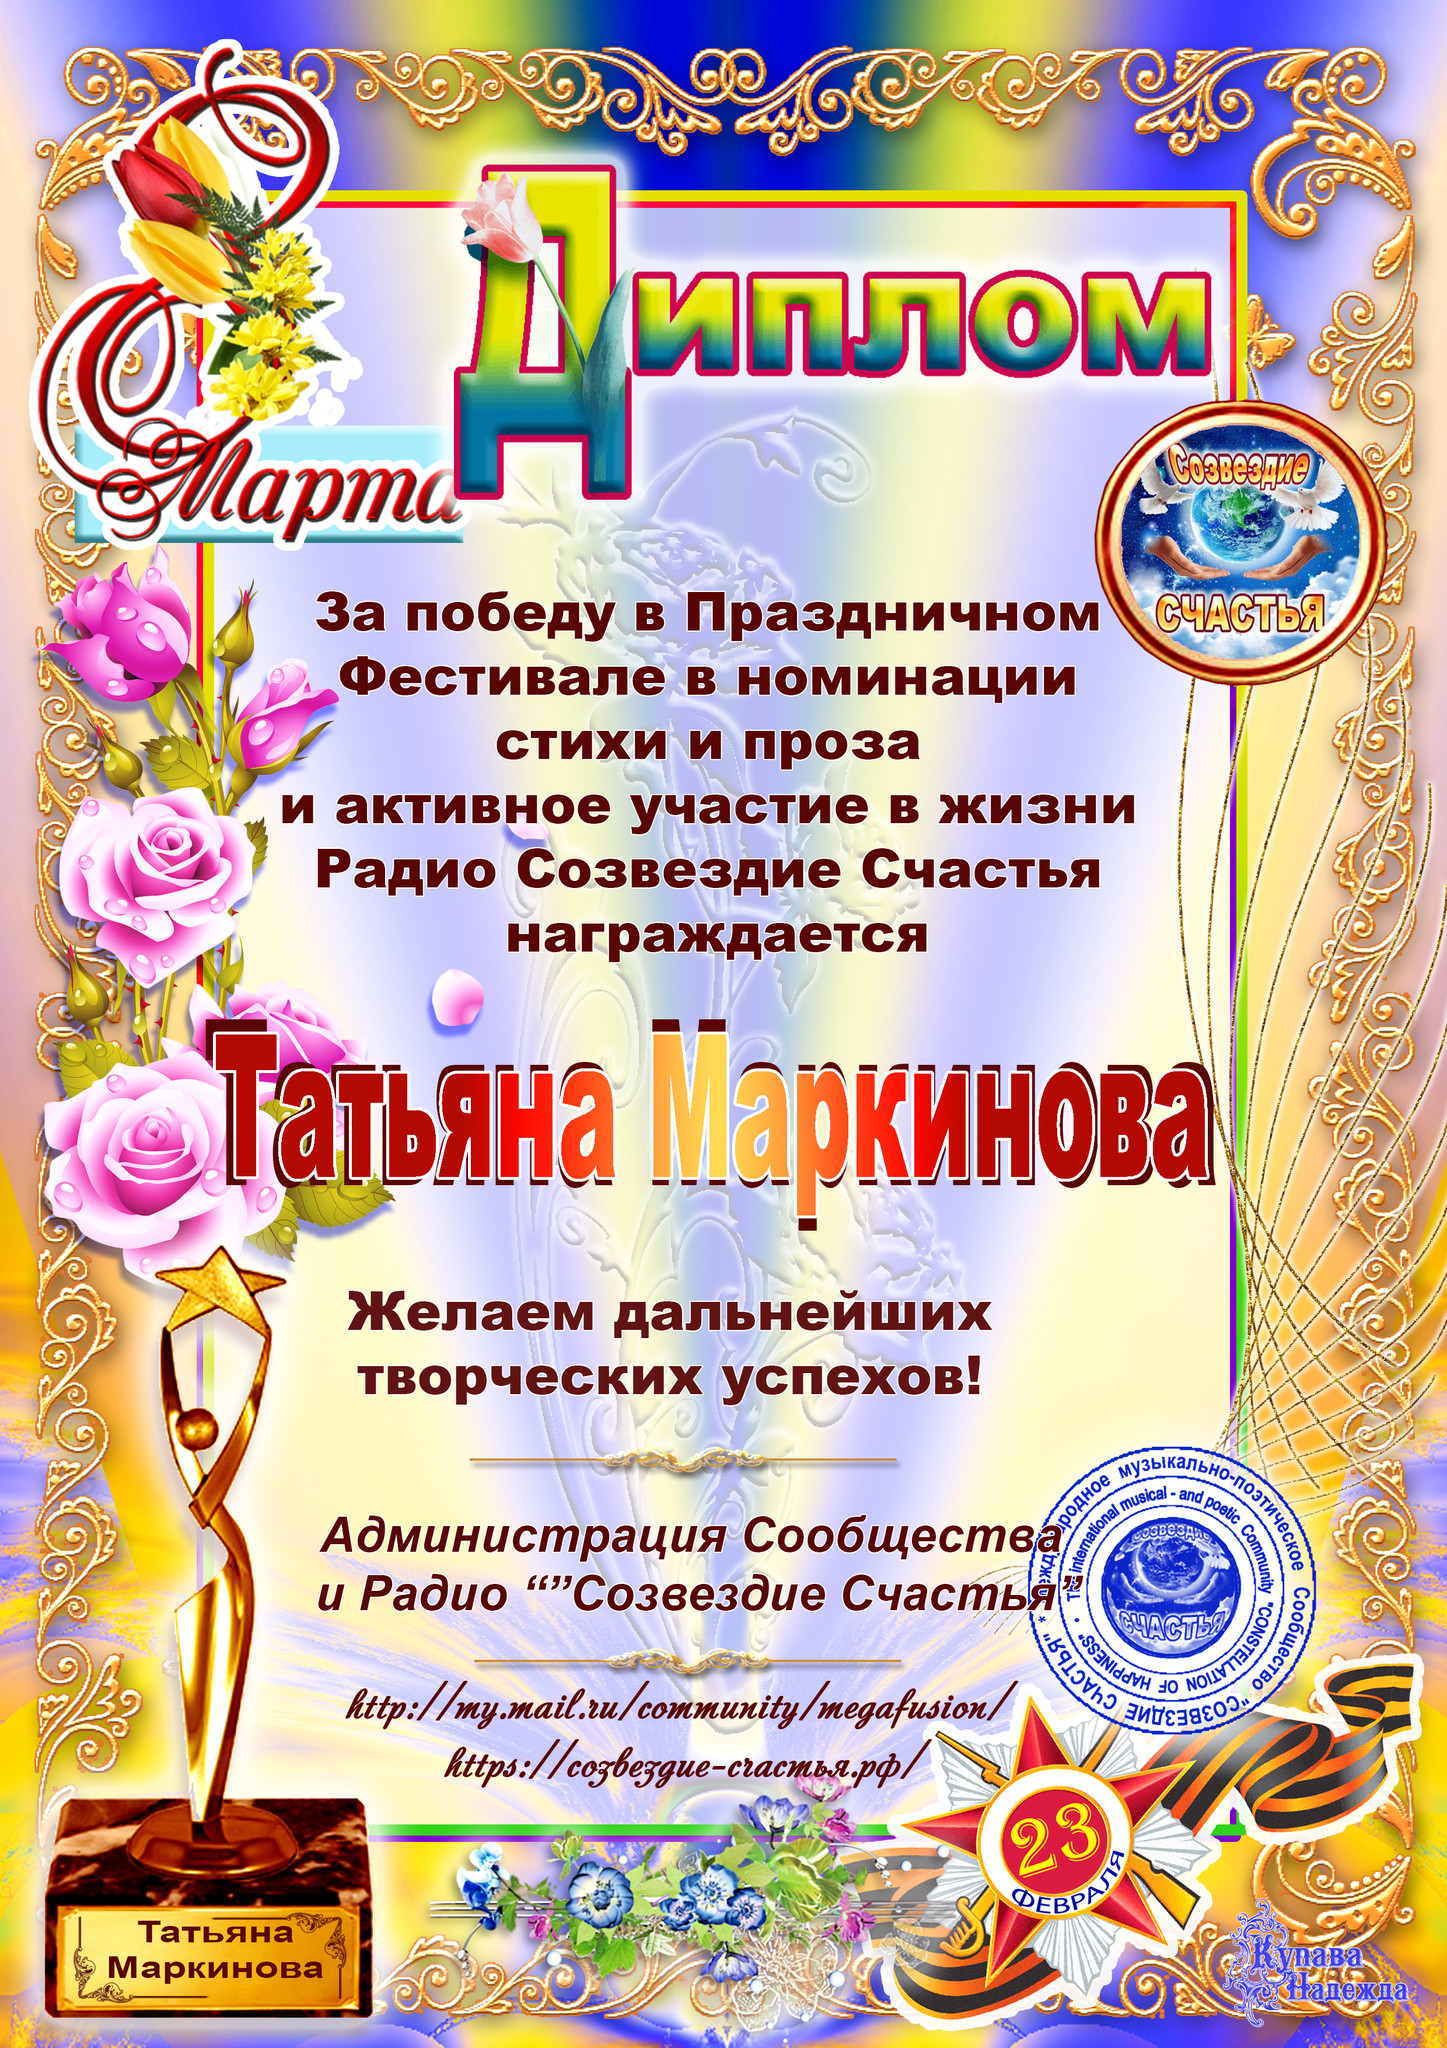 Номинации на поздравление